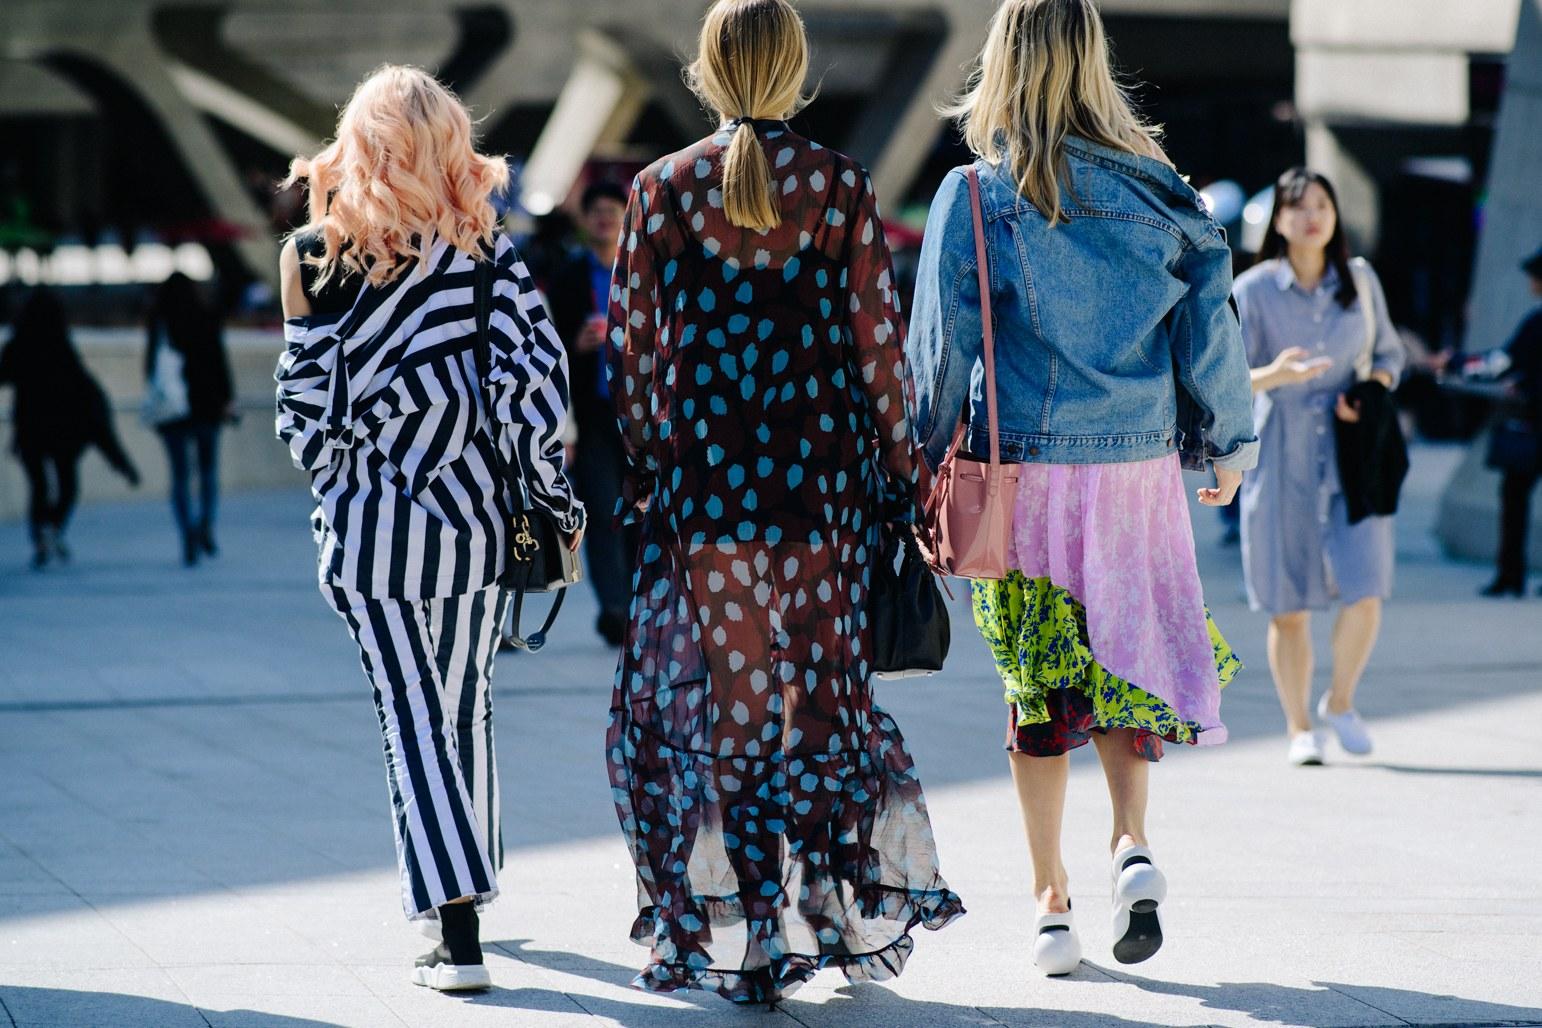 Seoul Fashion Week: Riêng về street style, giới trẻ Hàn nào có thua kém các ngôi sao nổi tiếng - Ảnh 4.